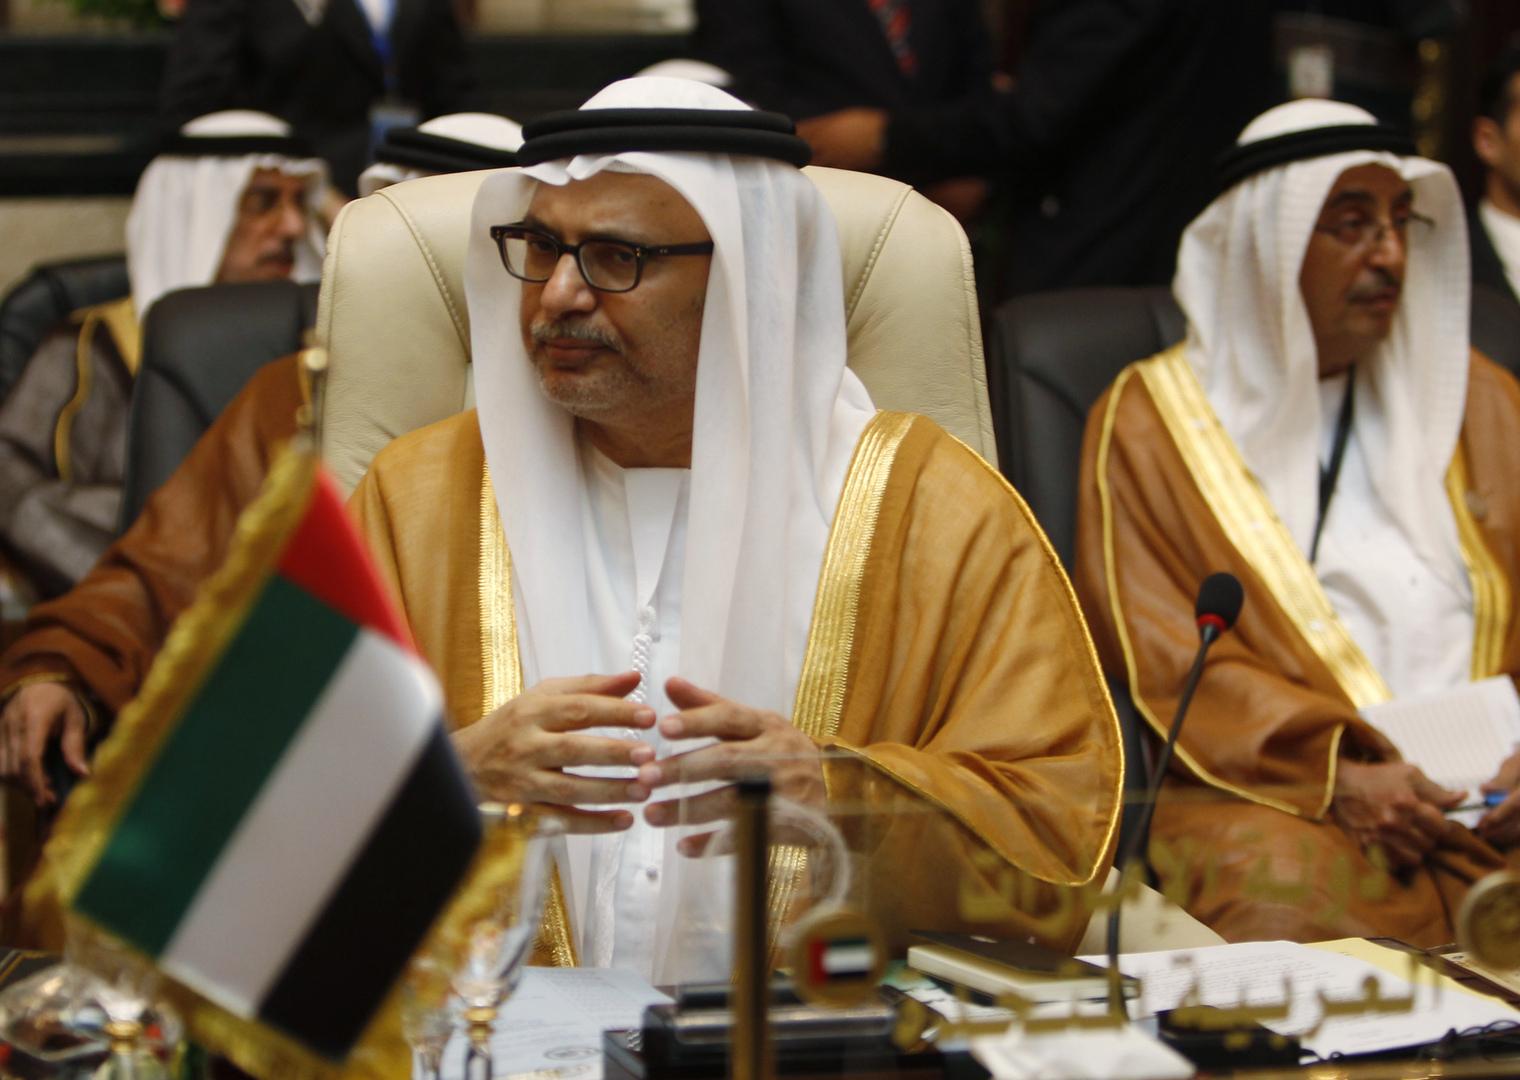 قرقاش: الإمارات كسرت الحاجز النفسي بقرارها توقيع اتفاق التطبيع مع إسرائيل